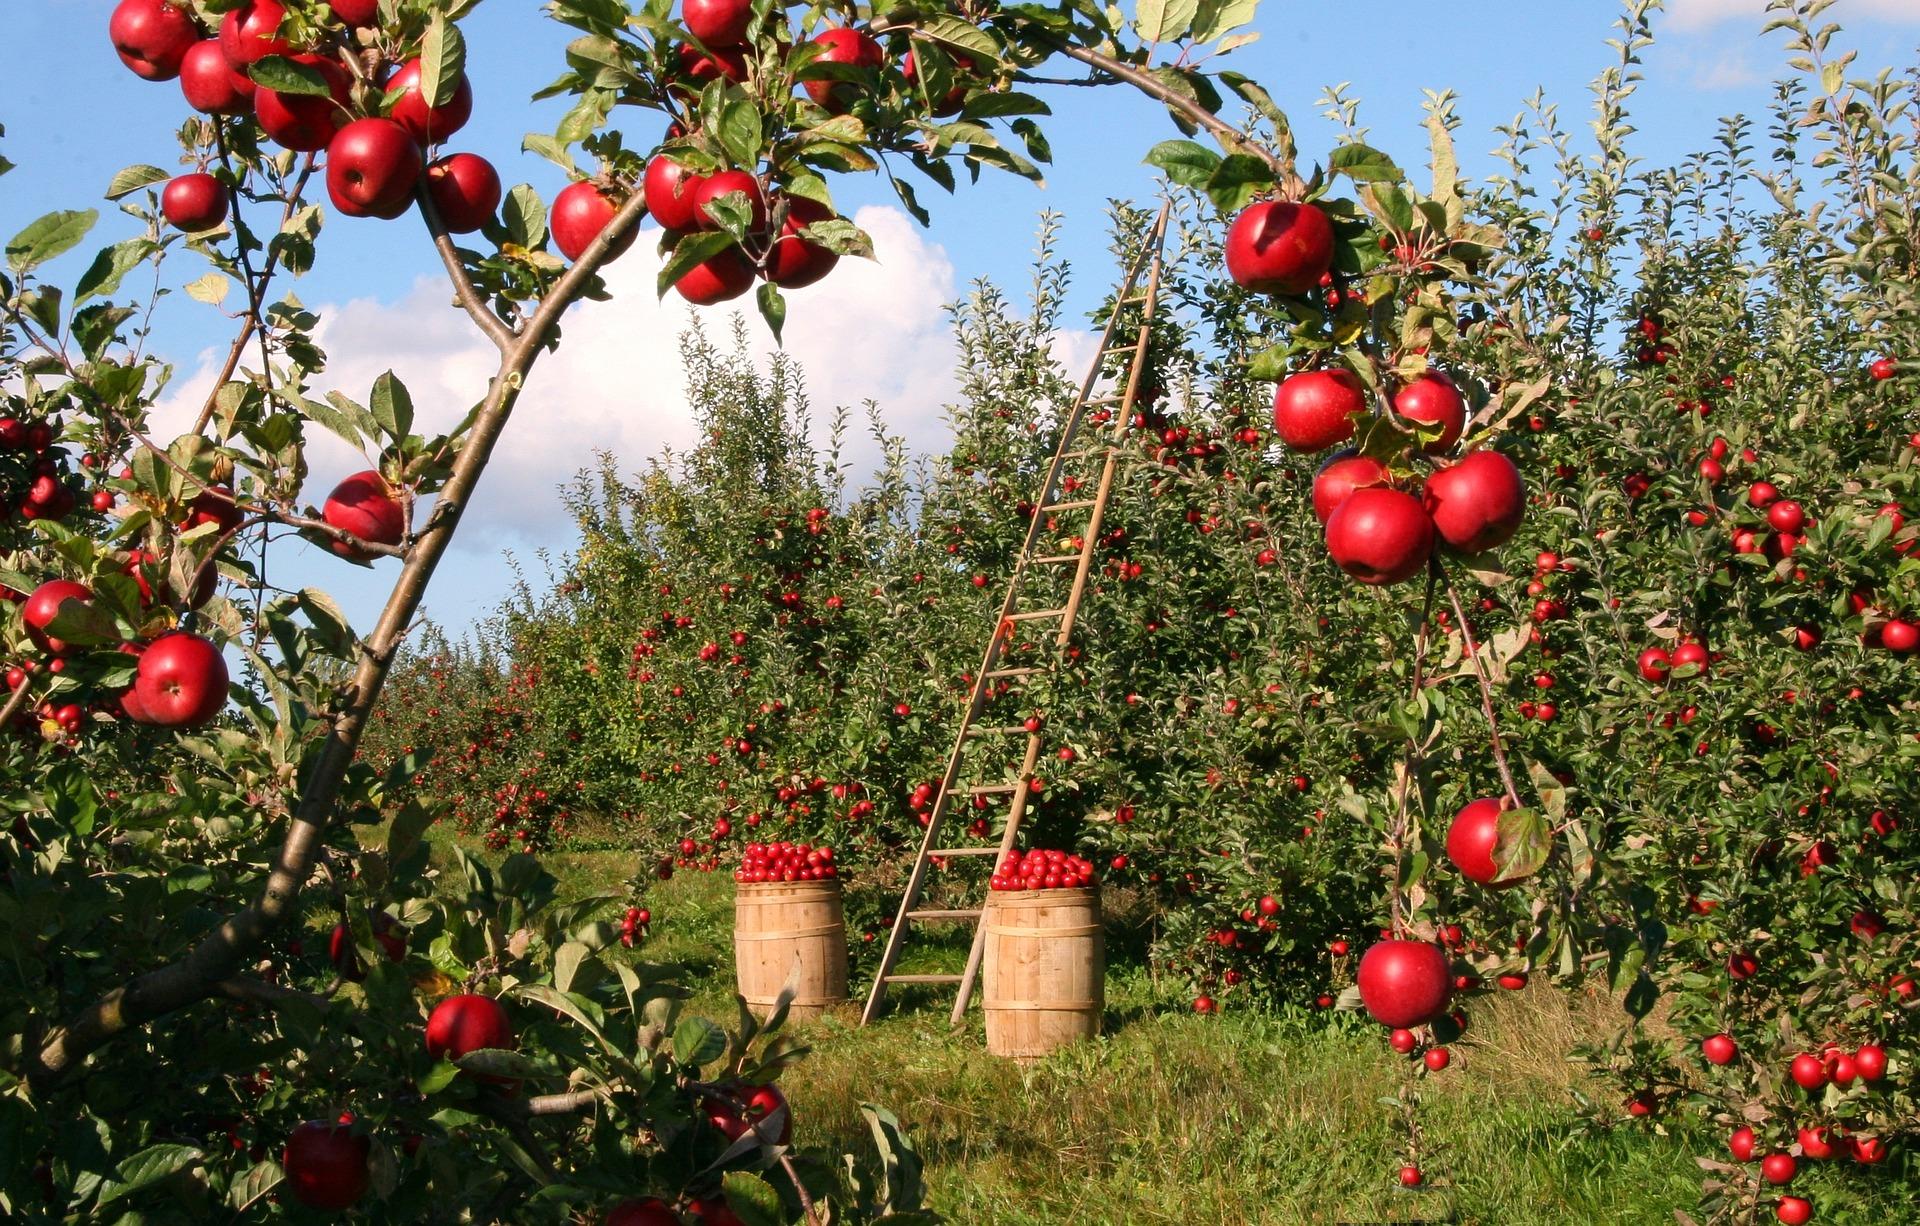 file/ELEMENTO_NEWSLETTER/20100/Agricoltura_mele_apple-1873078_1920.jpg